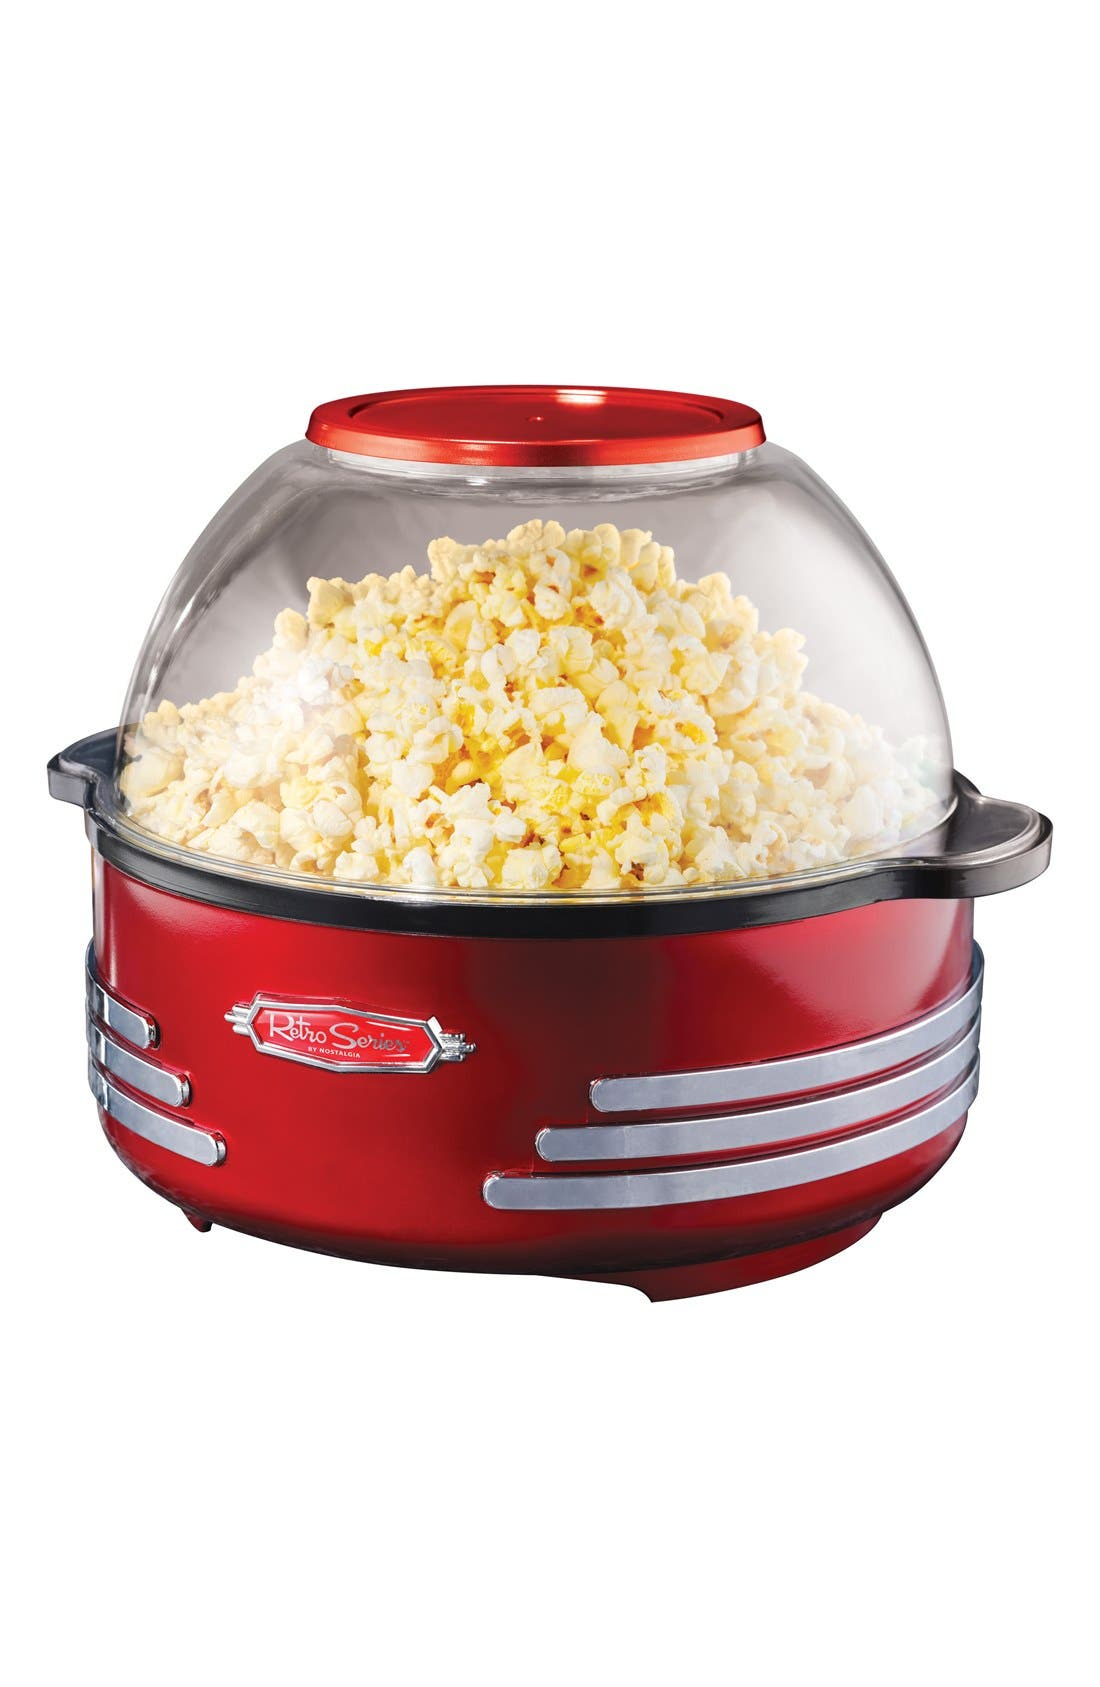 Main Image - Nostalgia Electronics Retro Stirring Popcorn Maker